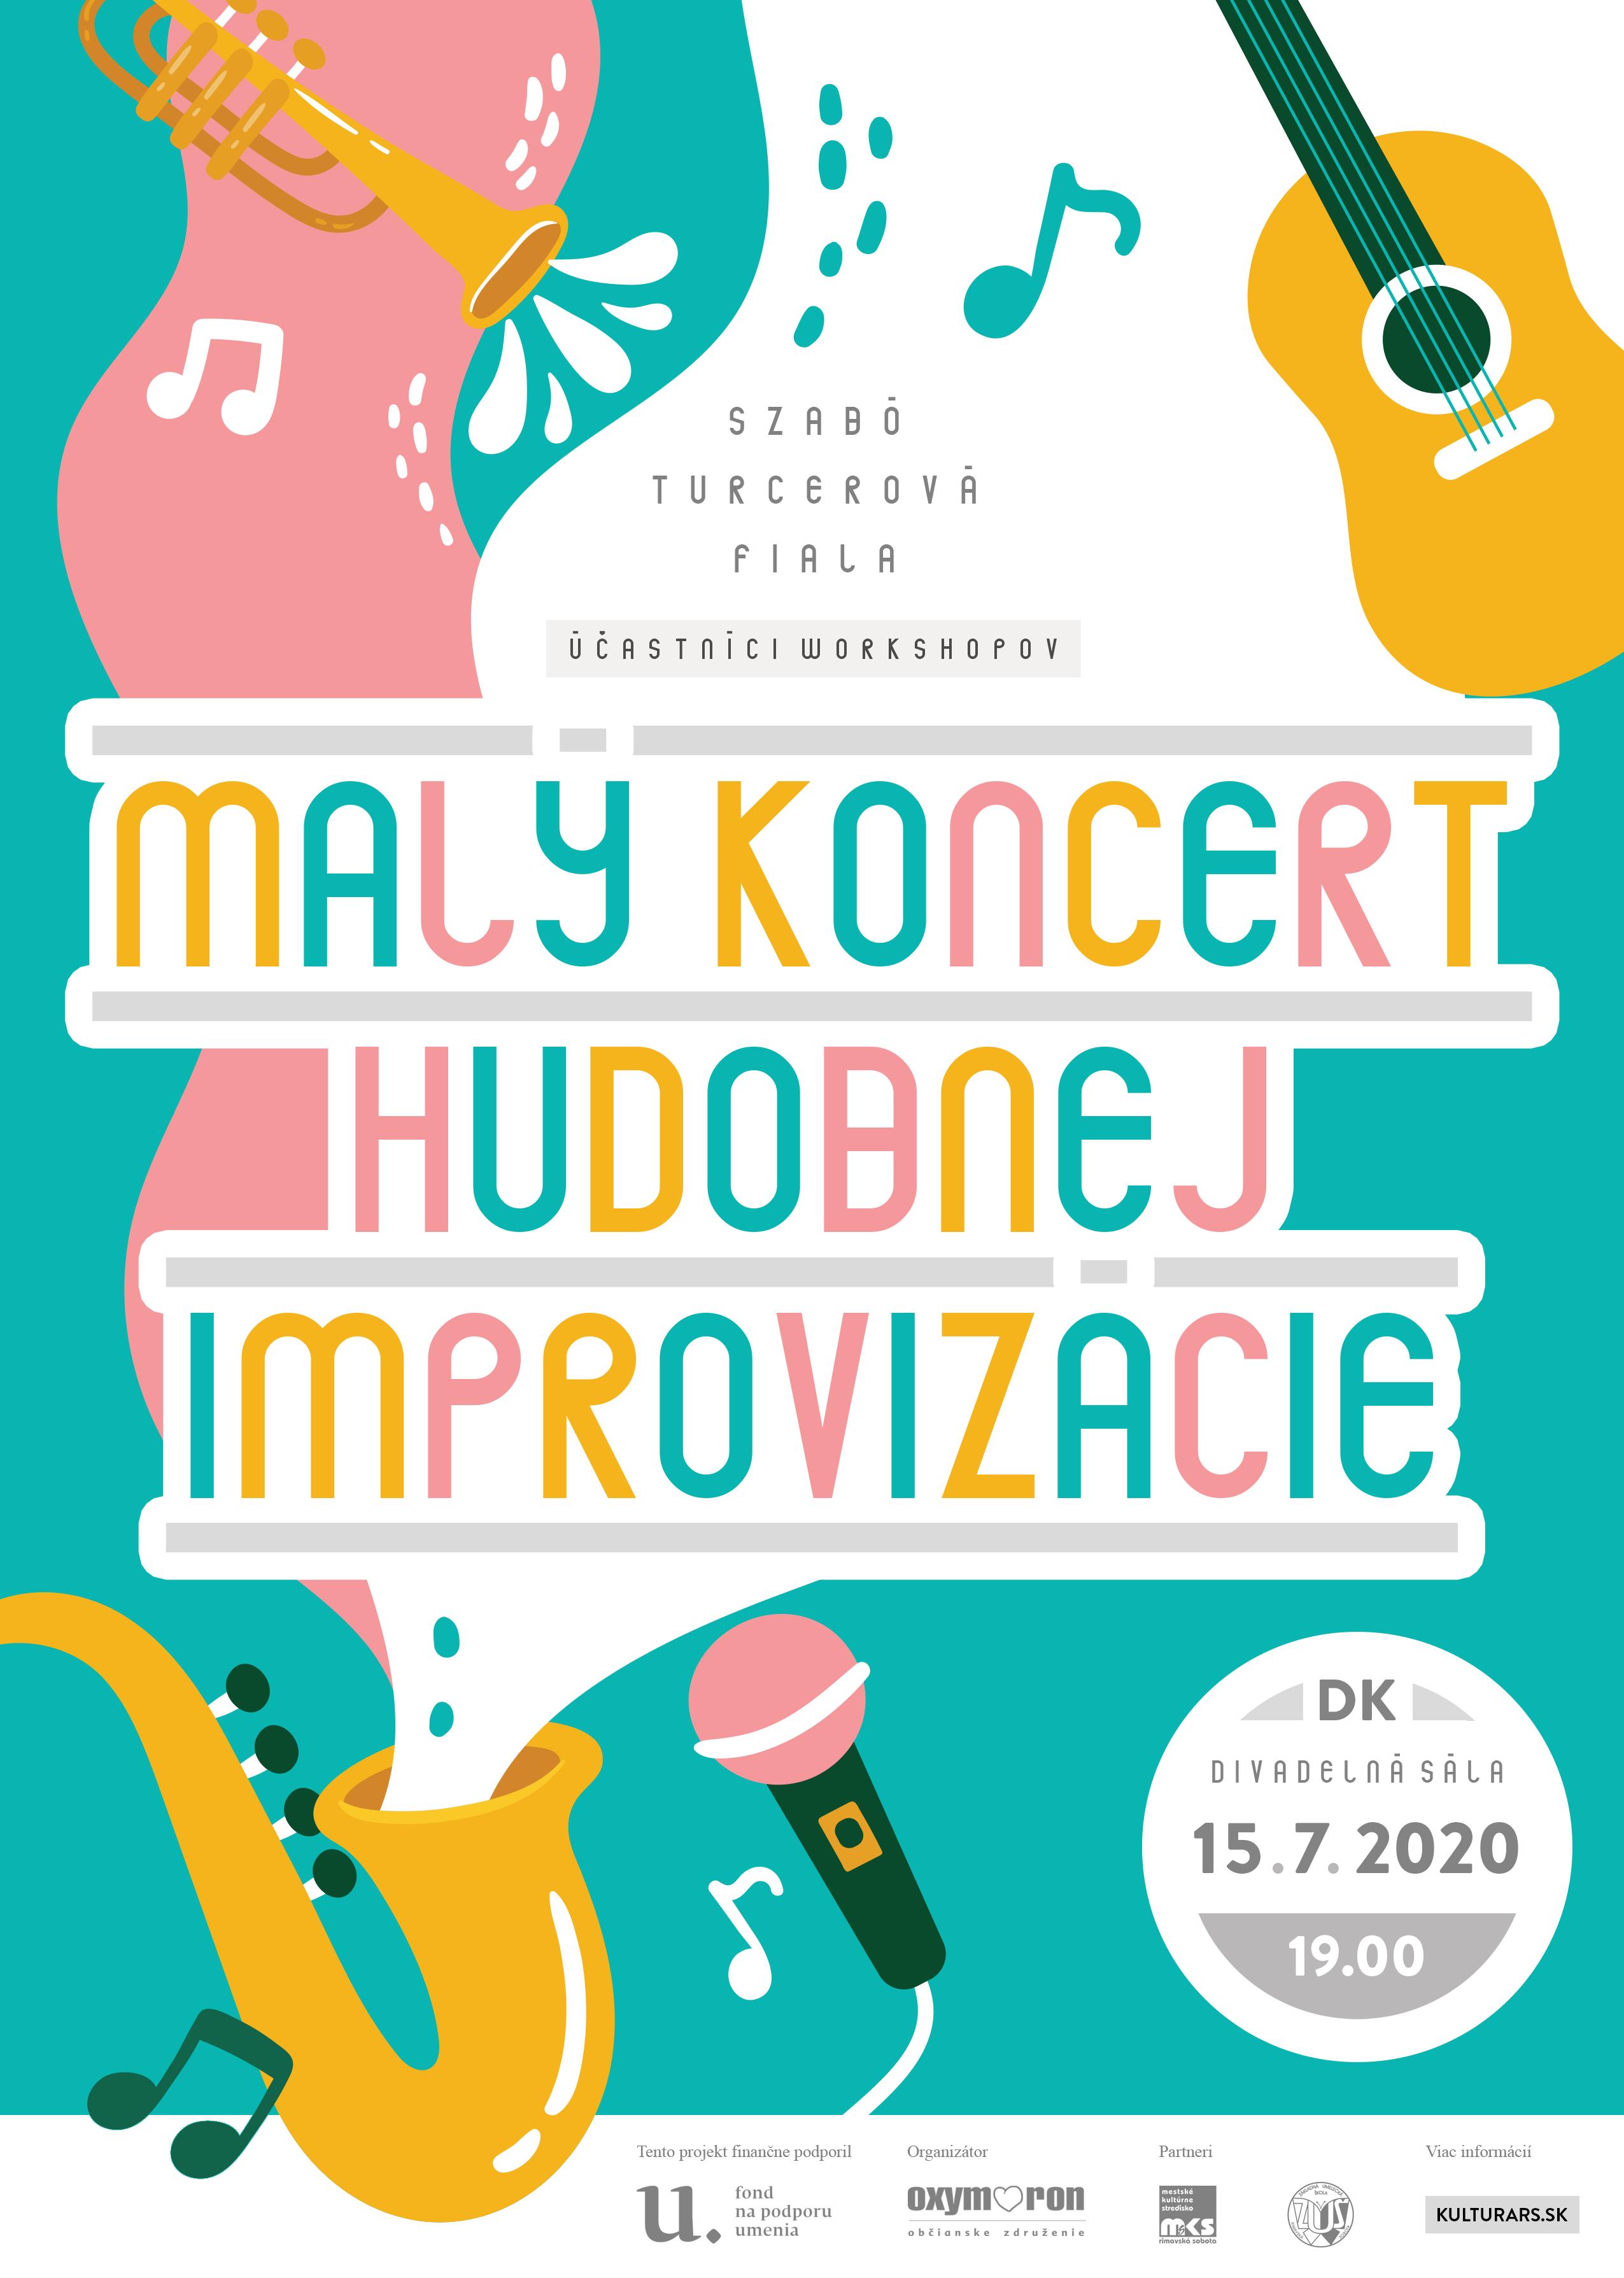 Malý koncert hudobnej improvizácie @ Divadelná sála, Dom kultúry, Námestie Š. M. Daxnera, 979 01 Rimavská Sobota